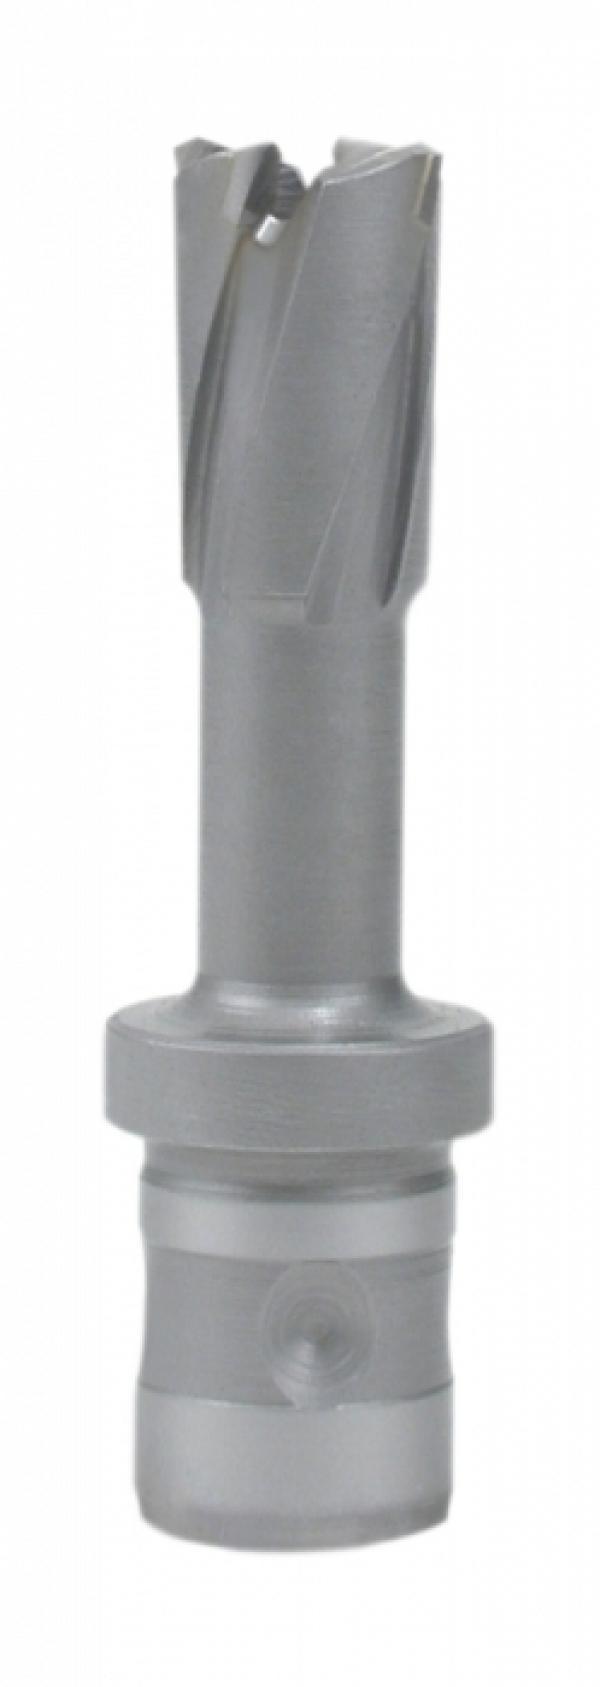 RUKO  Kernbohrer HM 16,0 mm Quick In 1081116